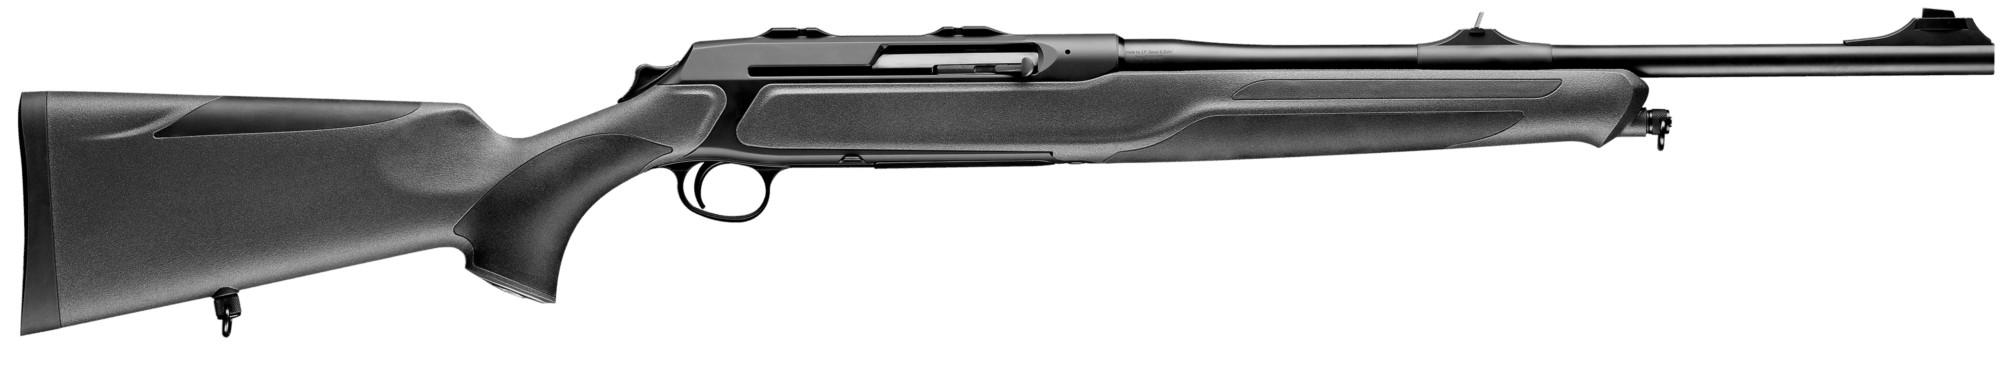 Sauer 303 Classic XT